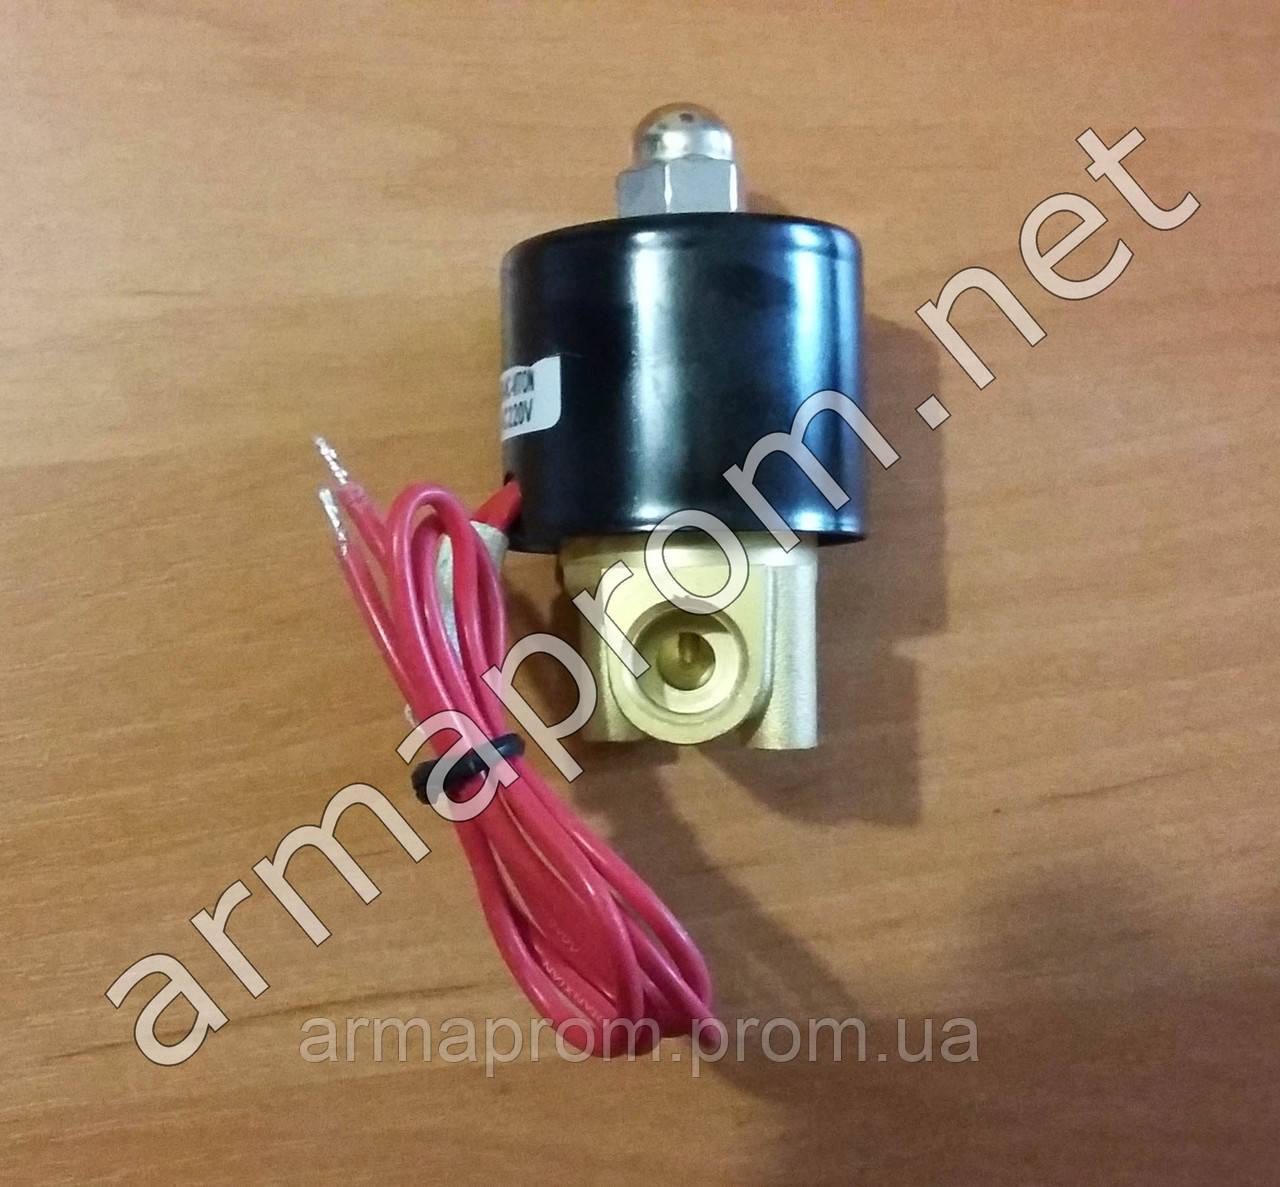 """Клапан Ду8 1/4"""" нормально закрытый электромагнитный соленоидный 12В, 24В, 220В - Армапром в Луцке"""